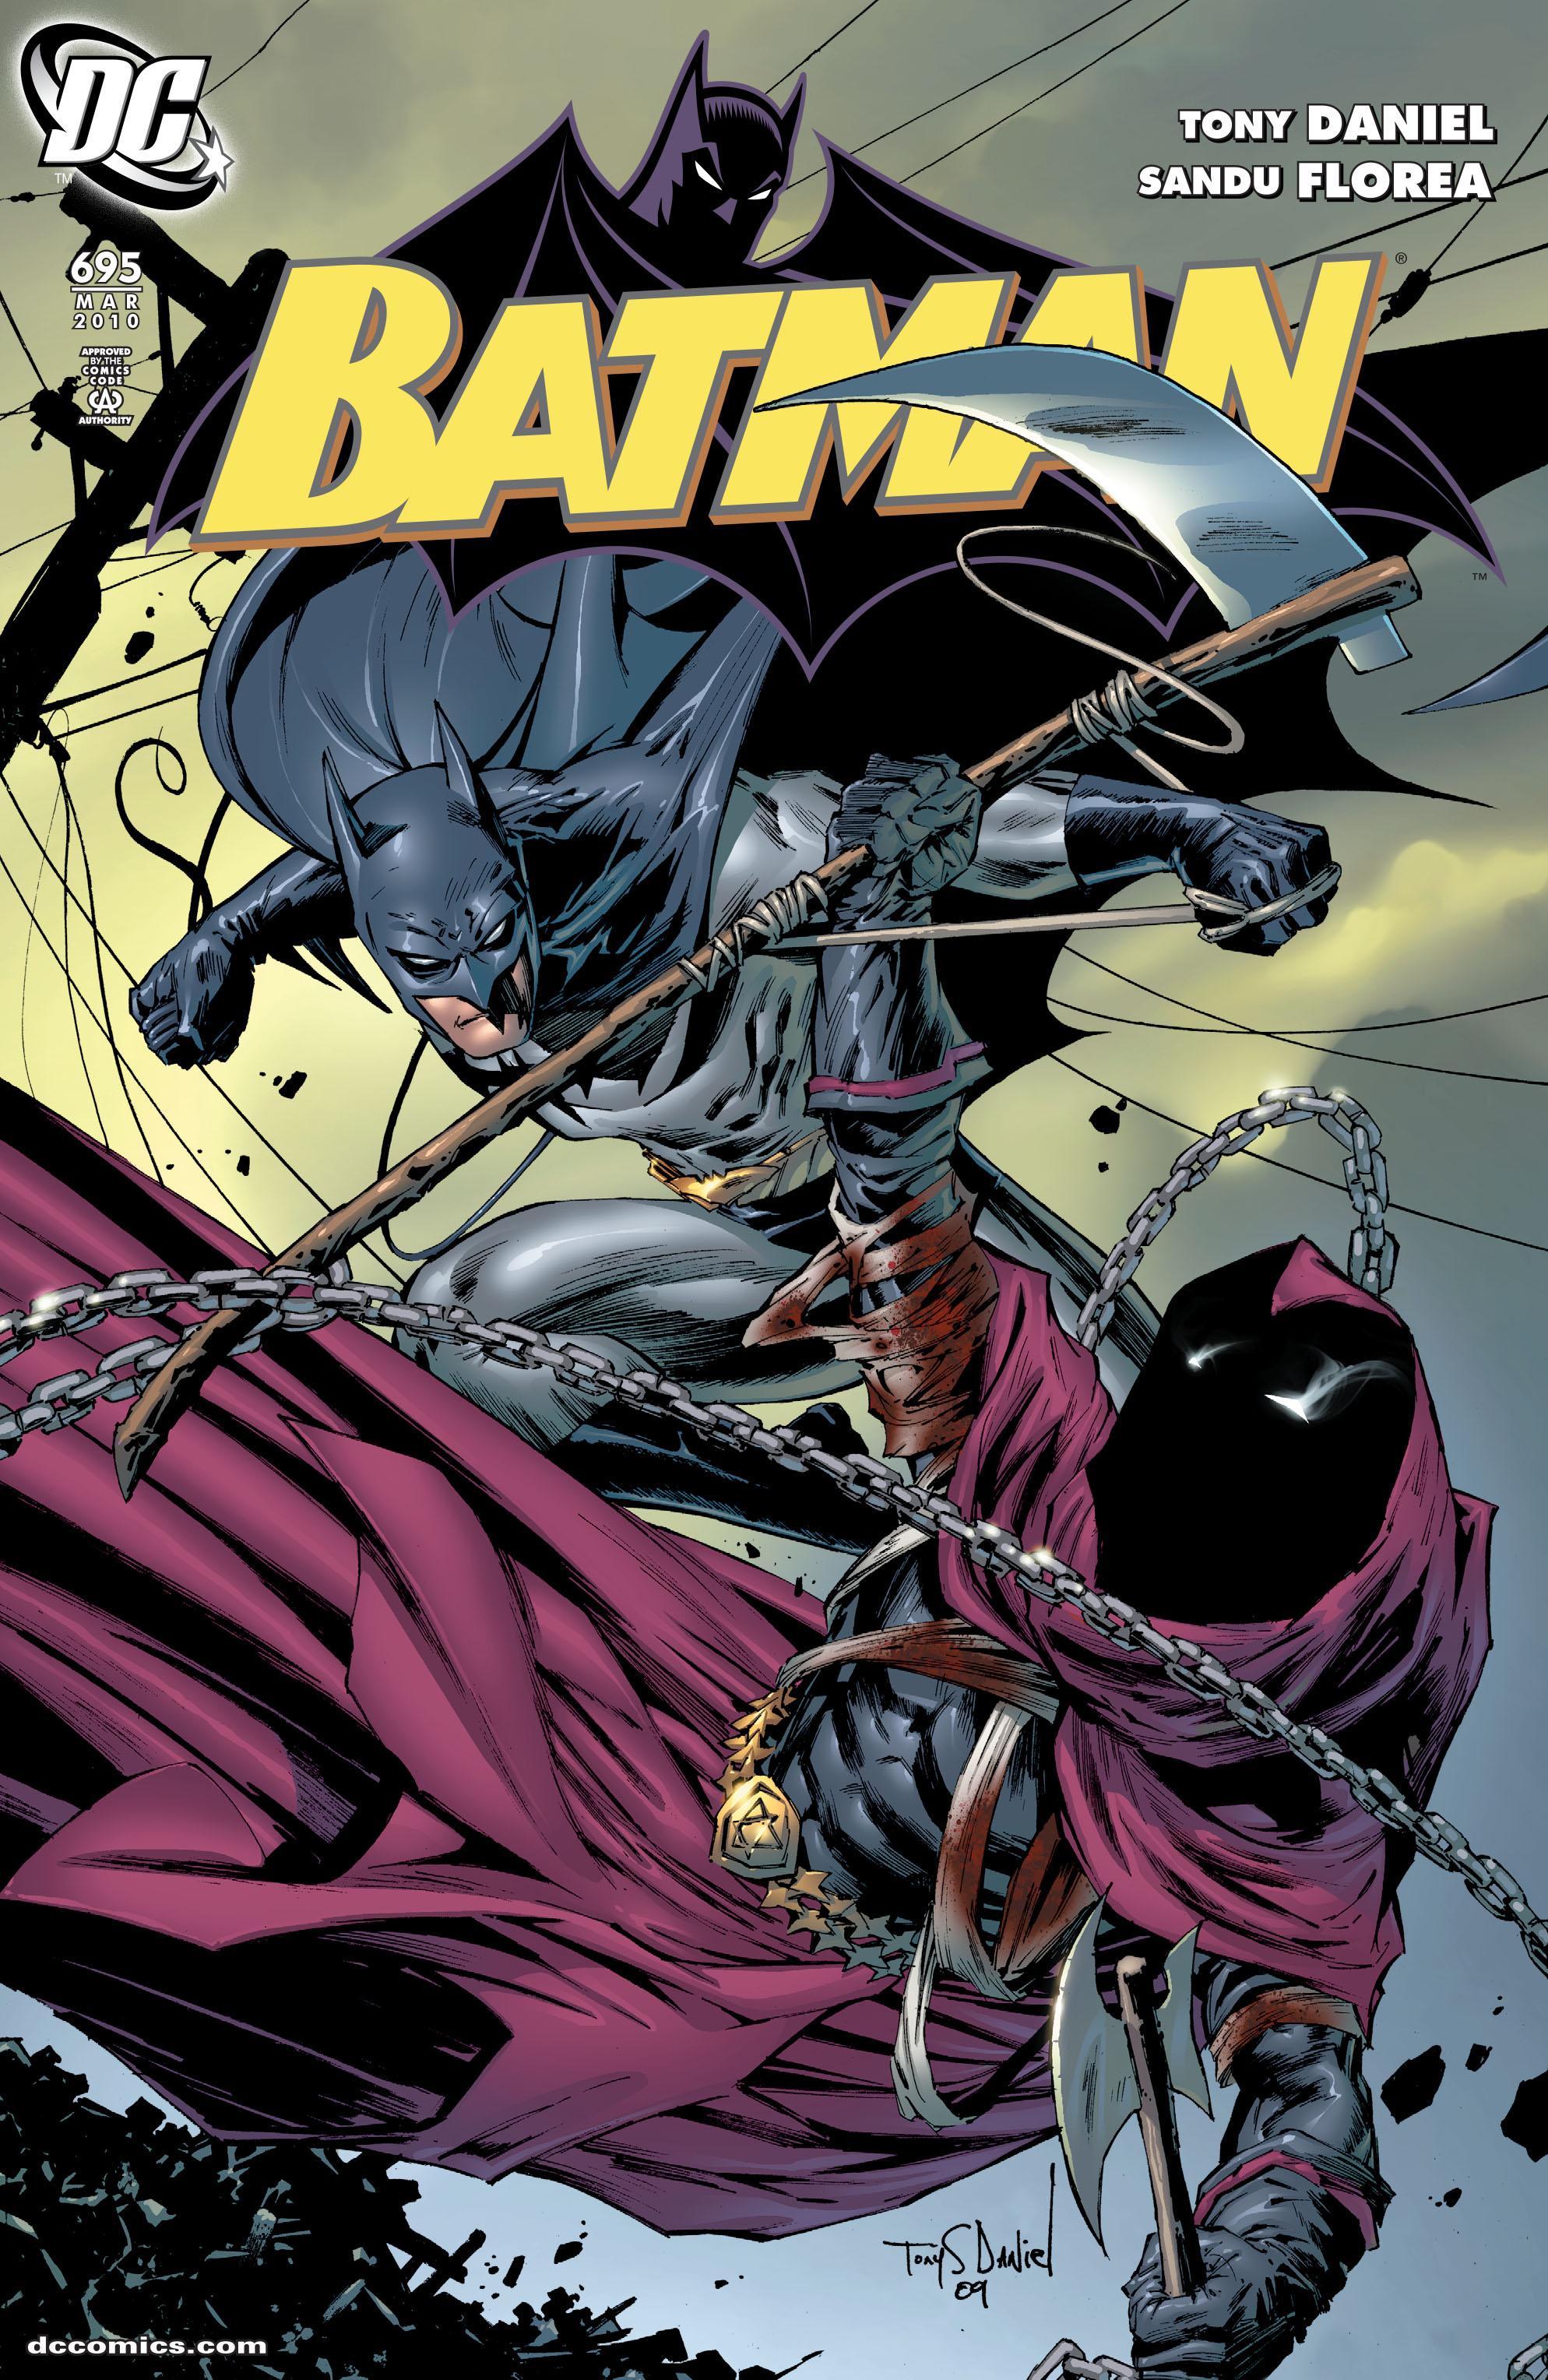 Batman (1940) 695 Page 1